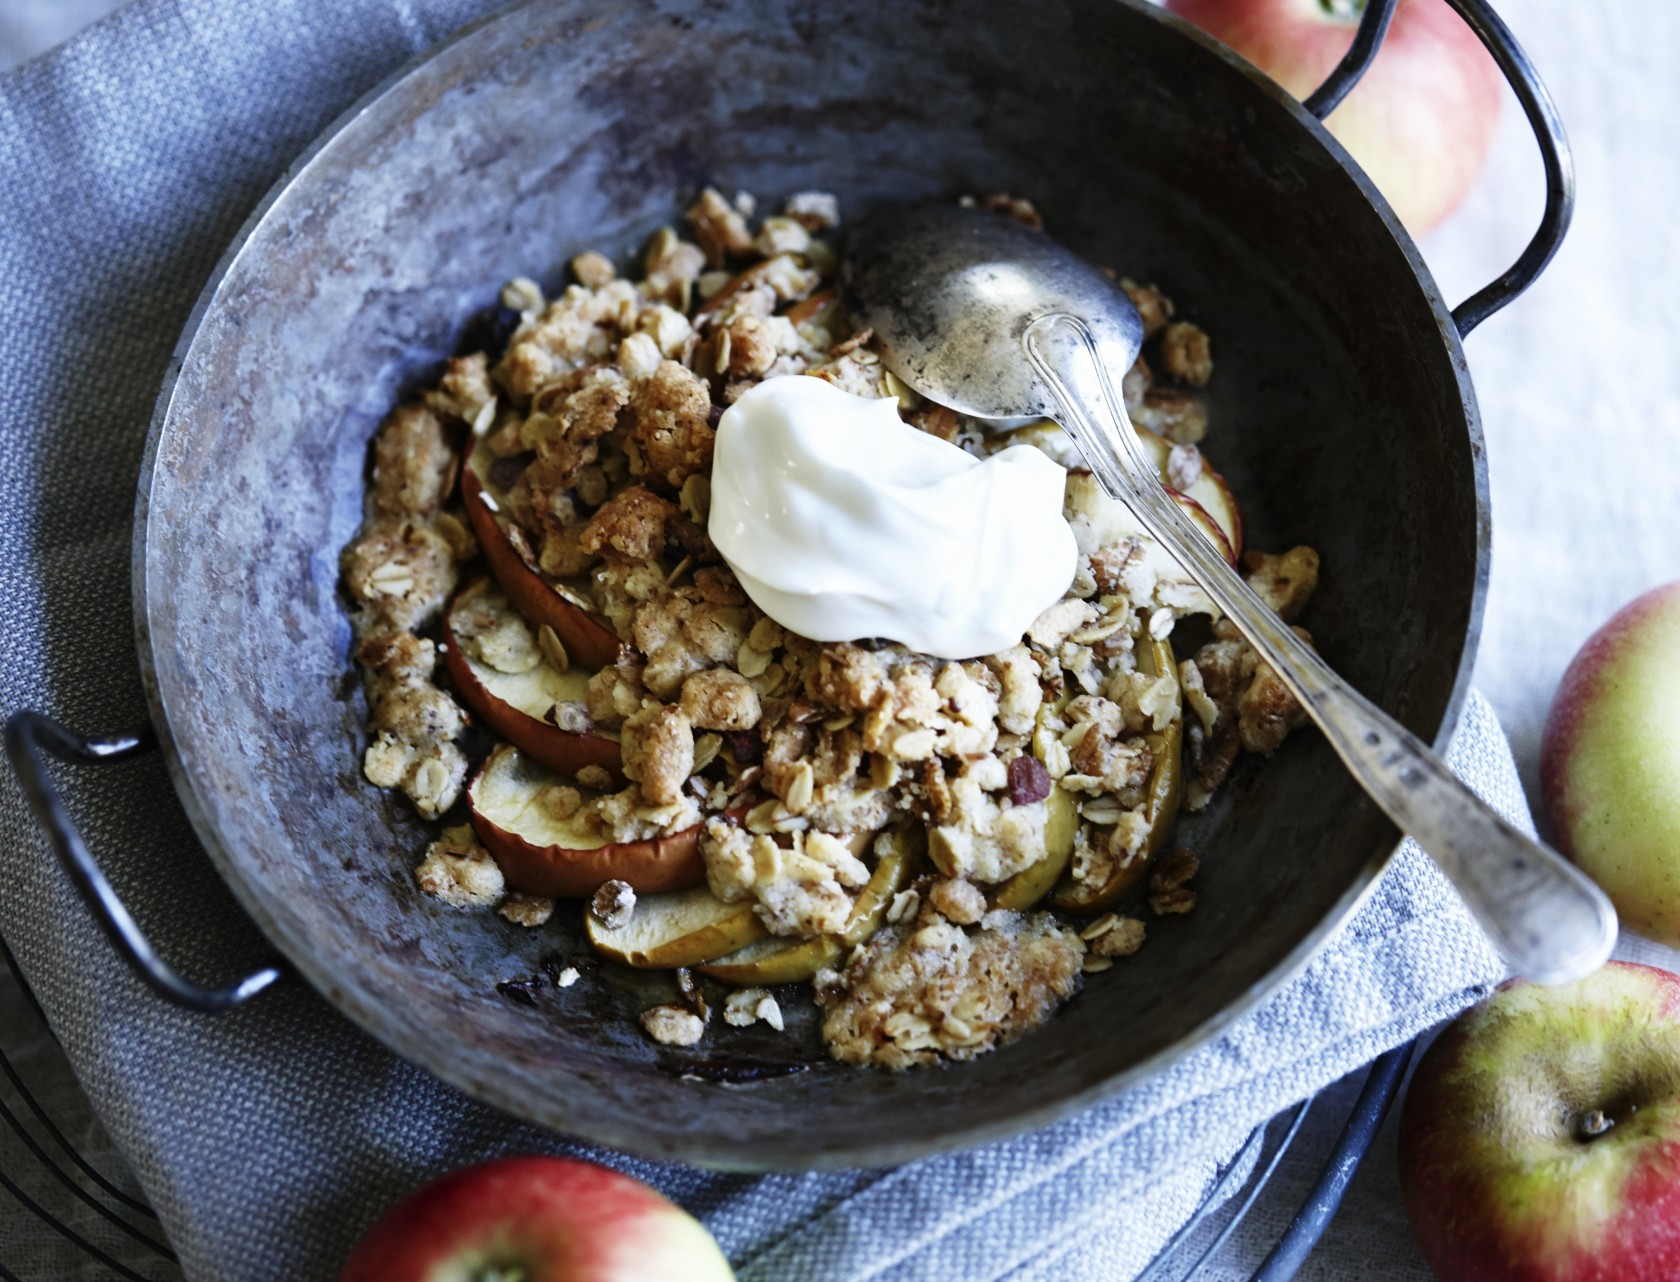 Bagt æblecrumble med mysli - nem og lækker opskrift på efterårsdessert.